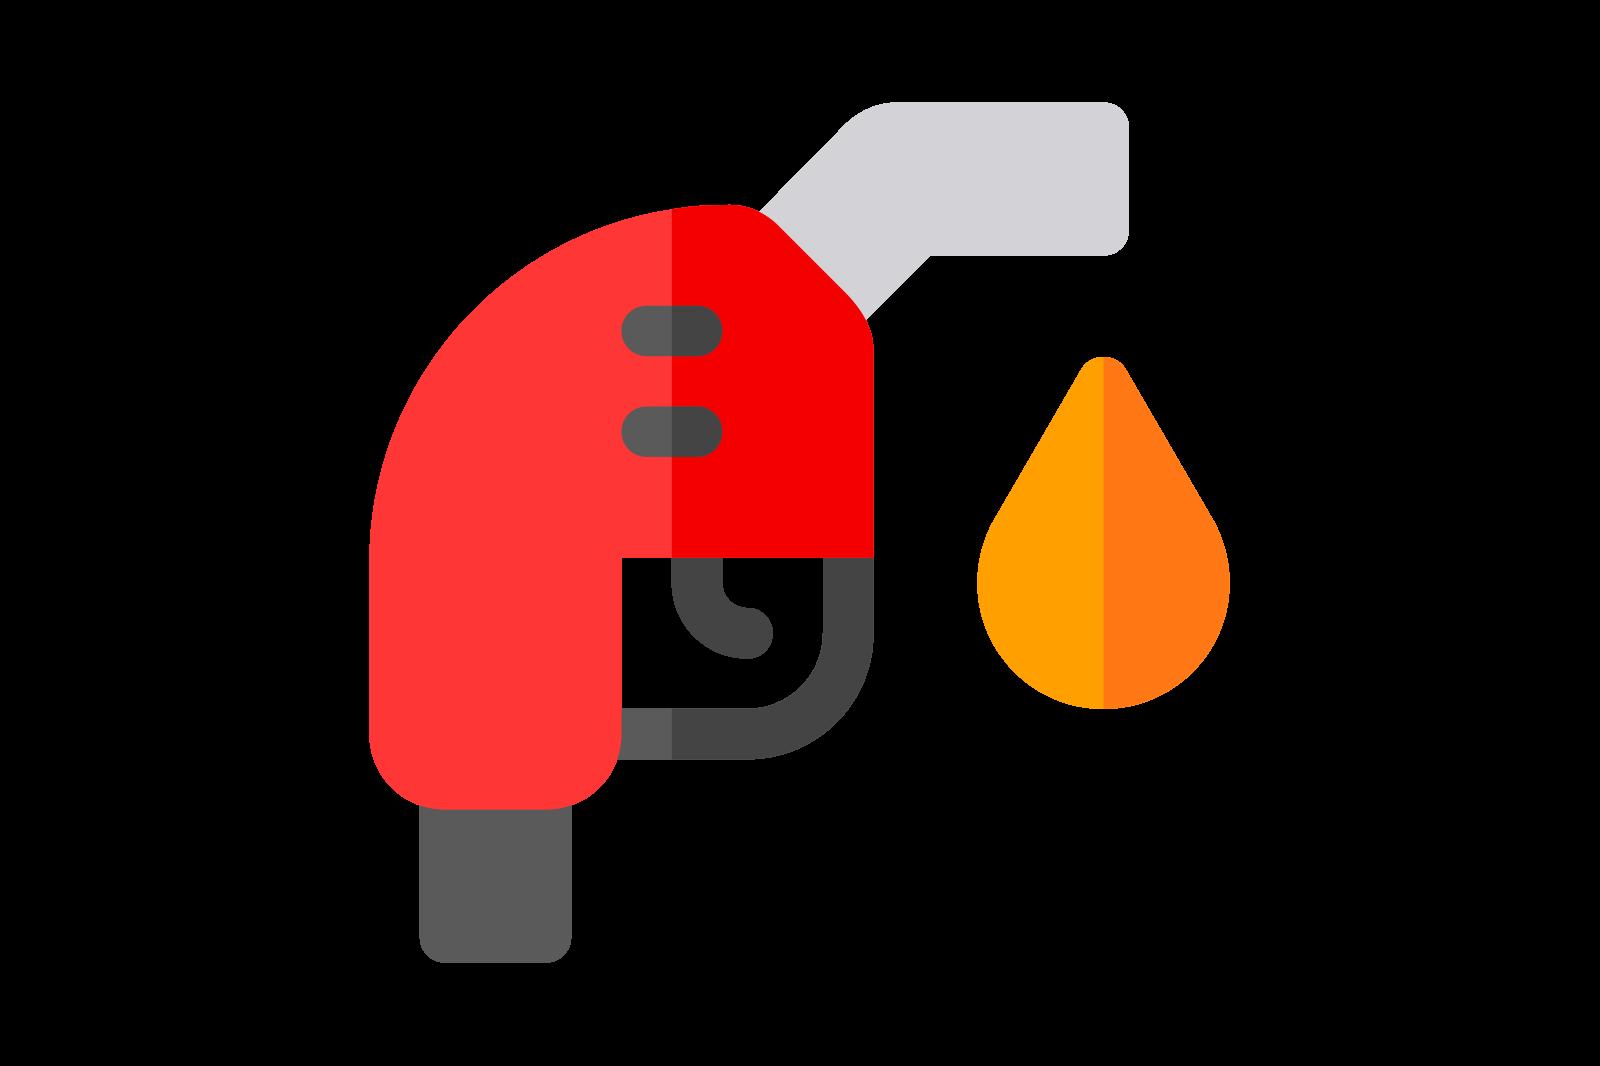 Troca de preços de combustível por aplicativo